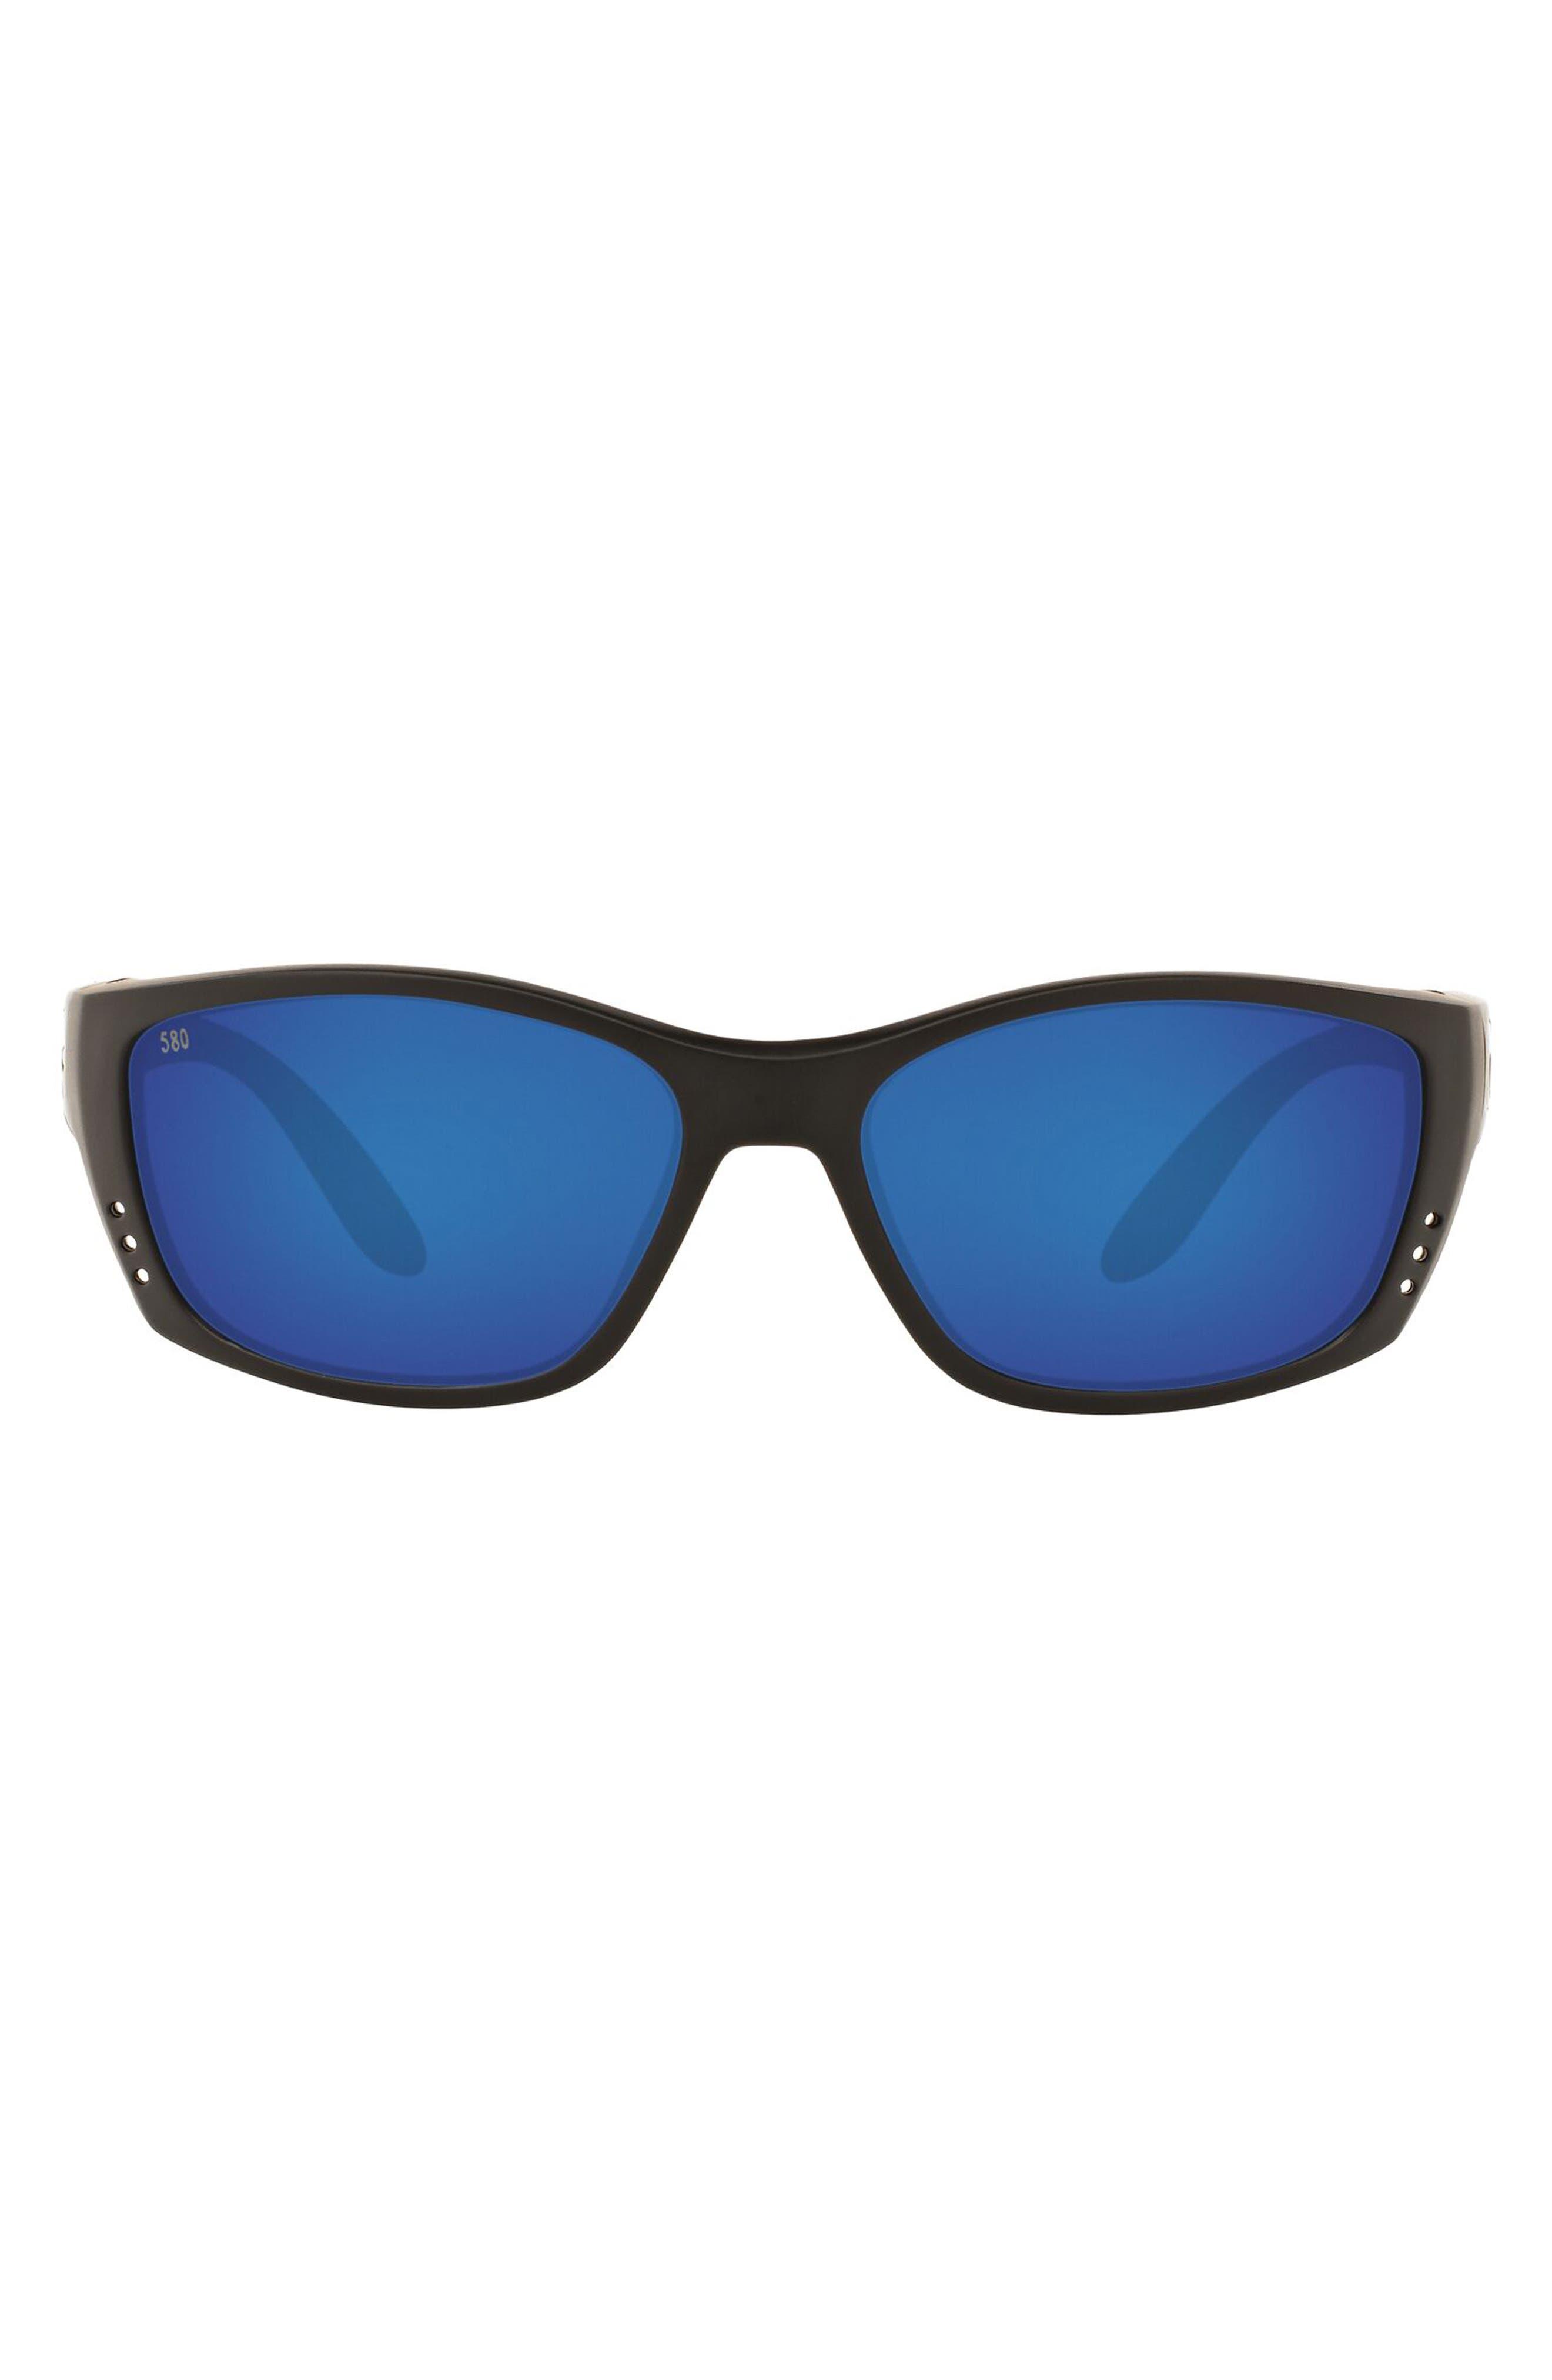 64mm Oversize Polarized Rectangular Sunglasses